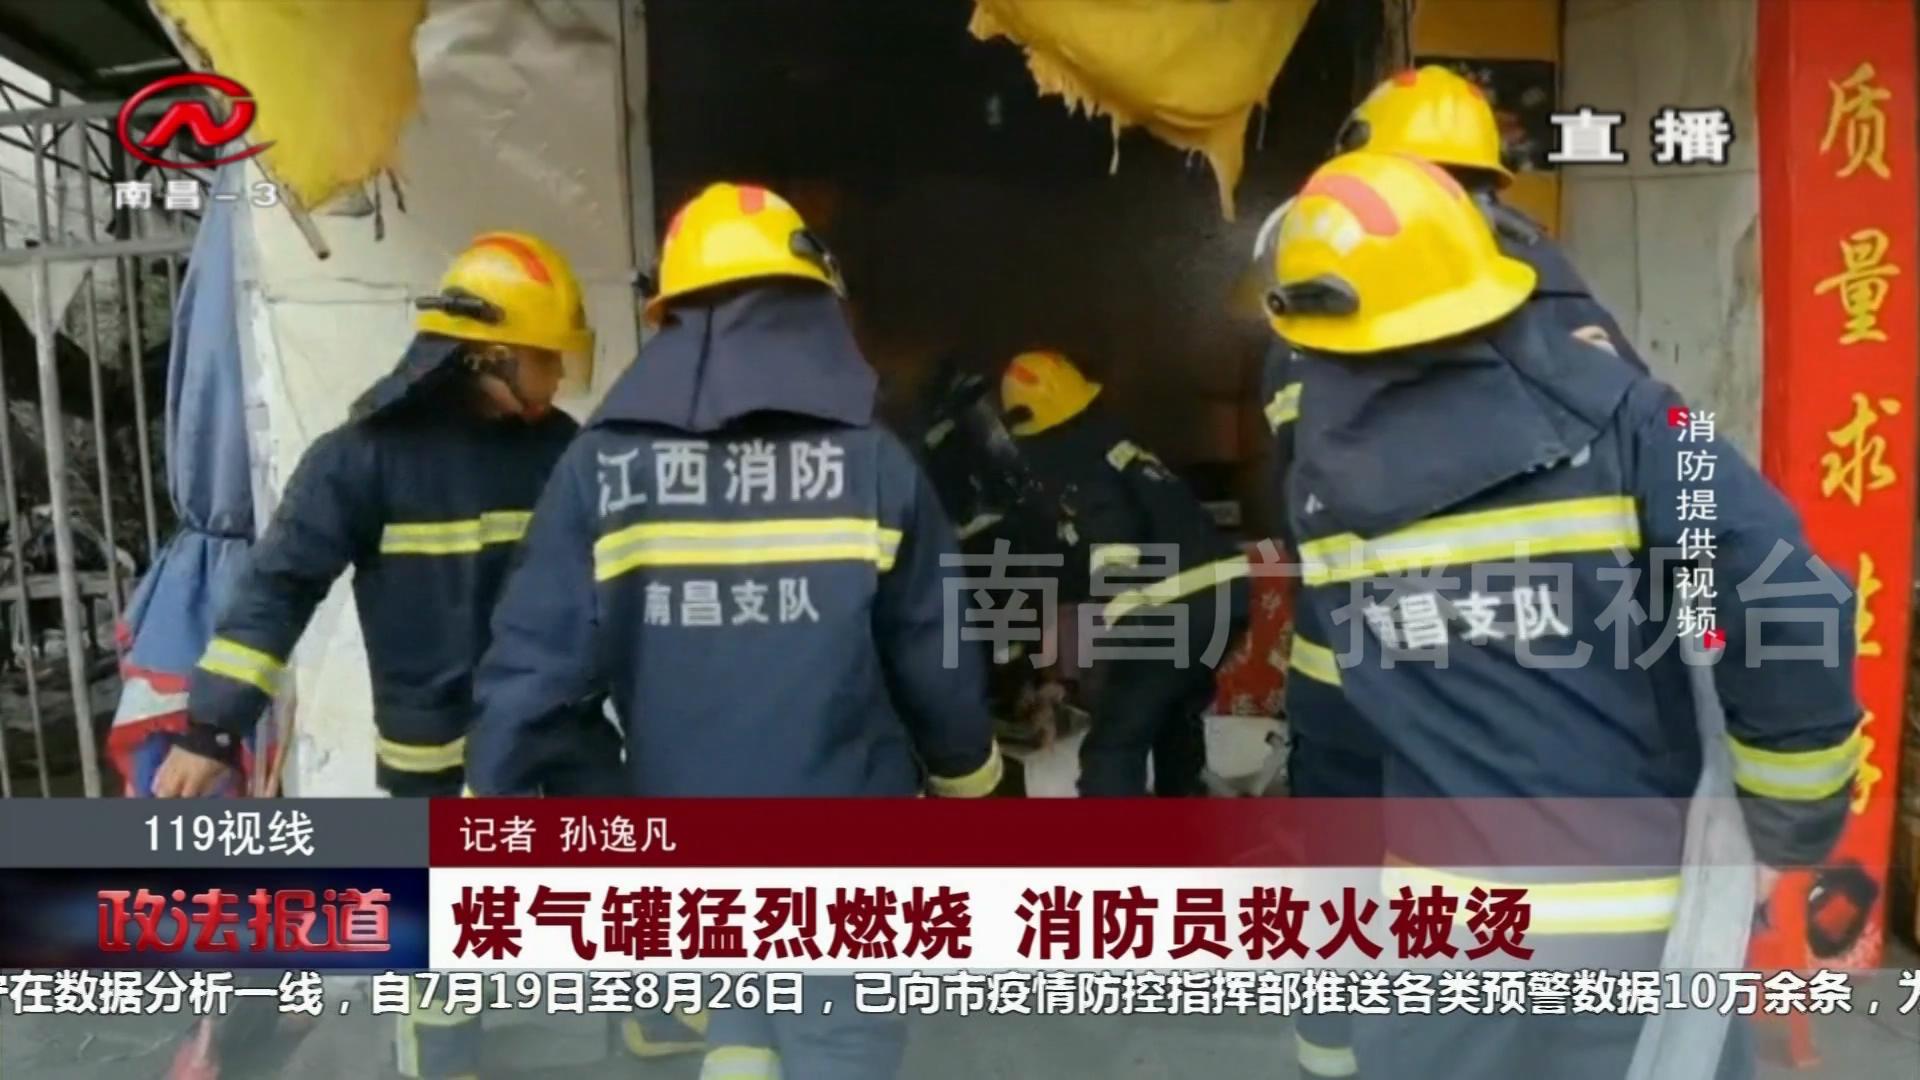 煤气罐猛烈燃烧 消防员救火被烫